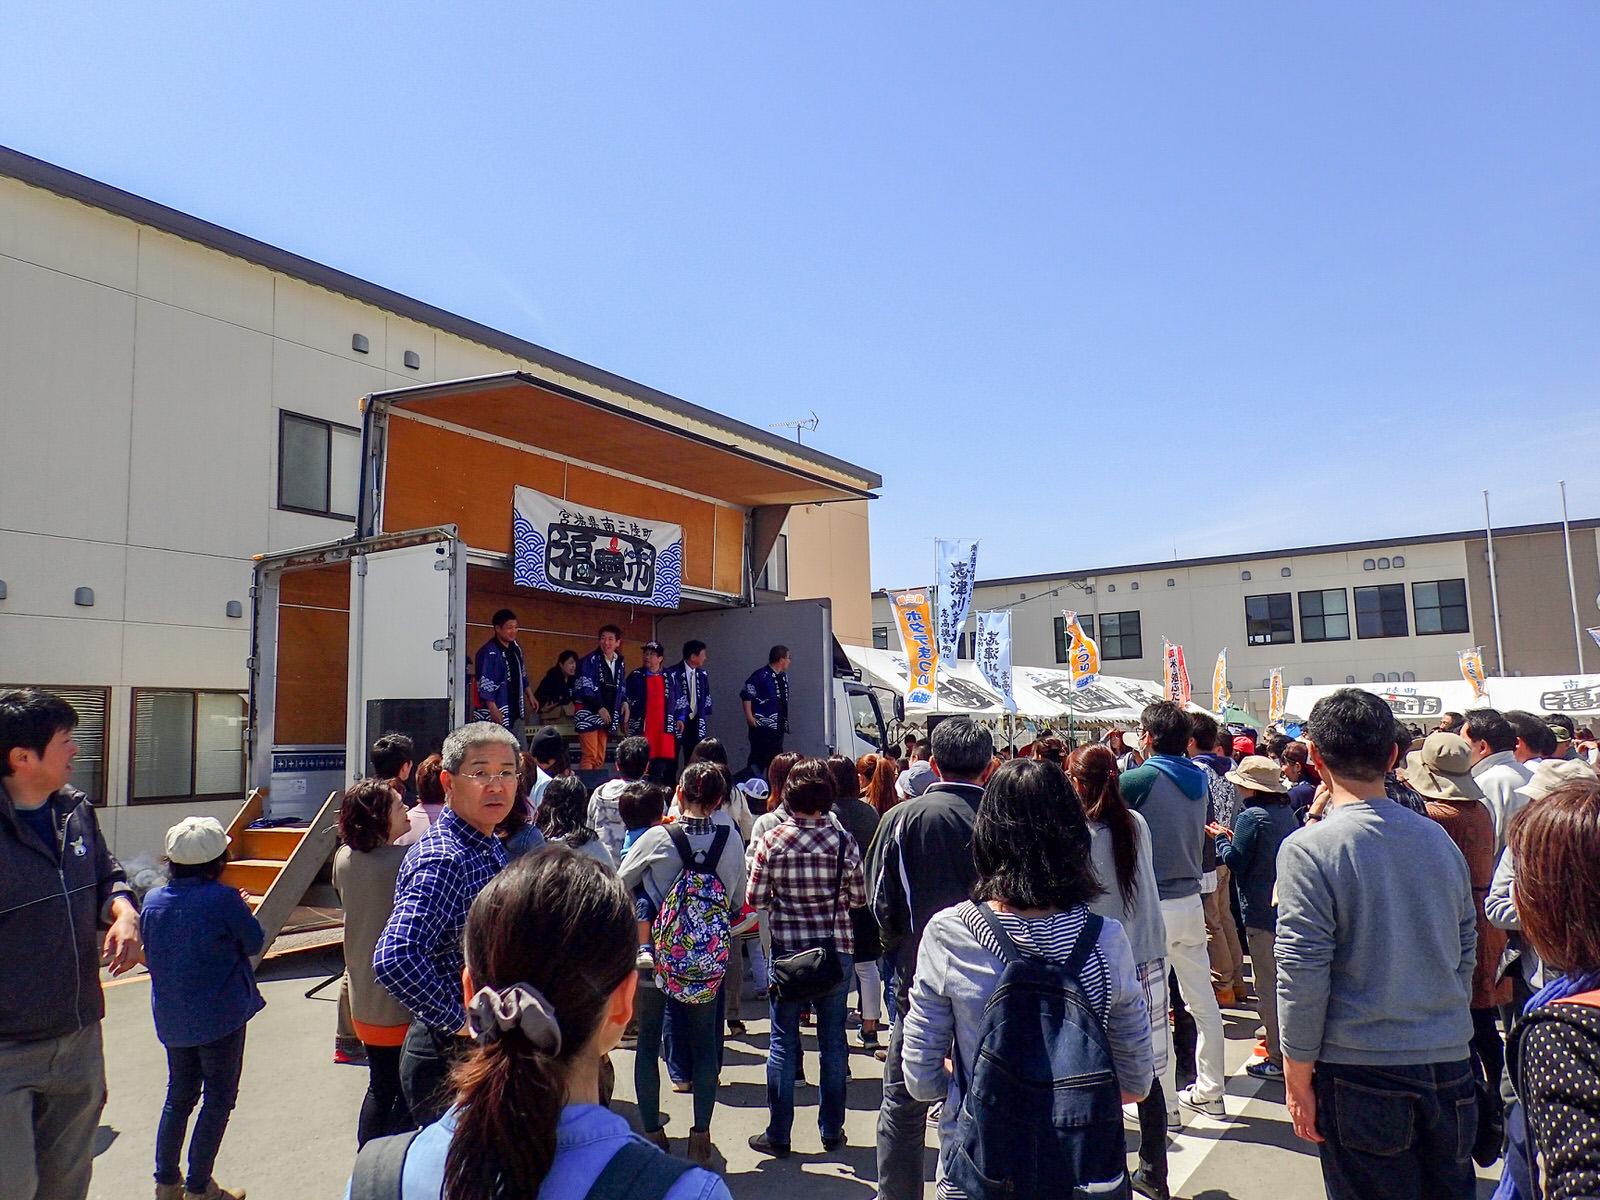 5周年を迎えた福興市、舞台裏はたくさんの人に支えられていた(第56回志津川湾ホタテまつり福興市)